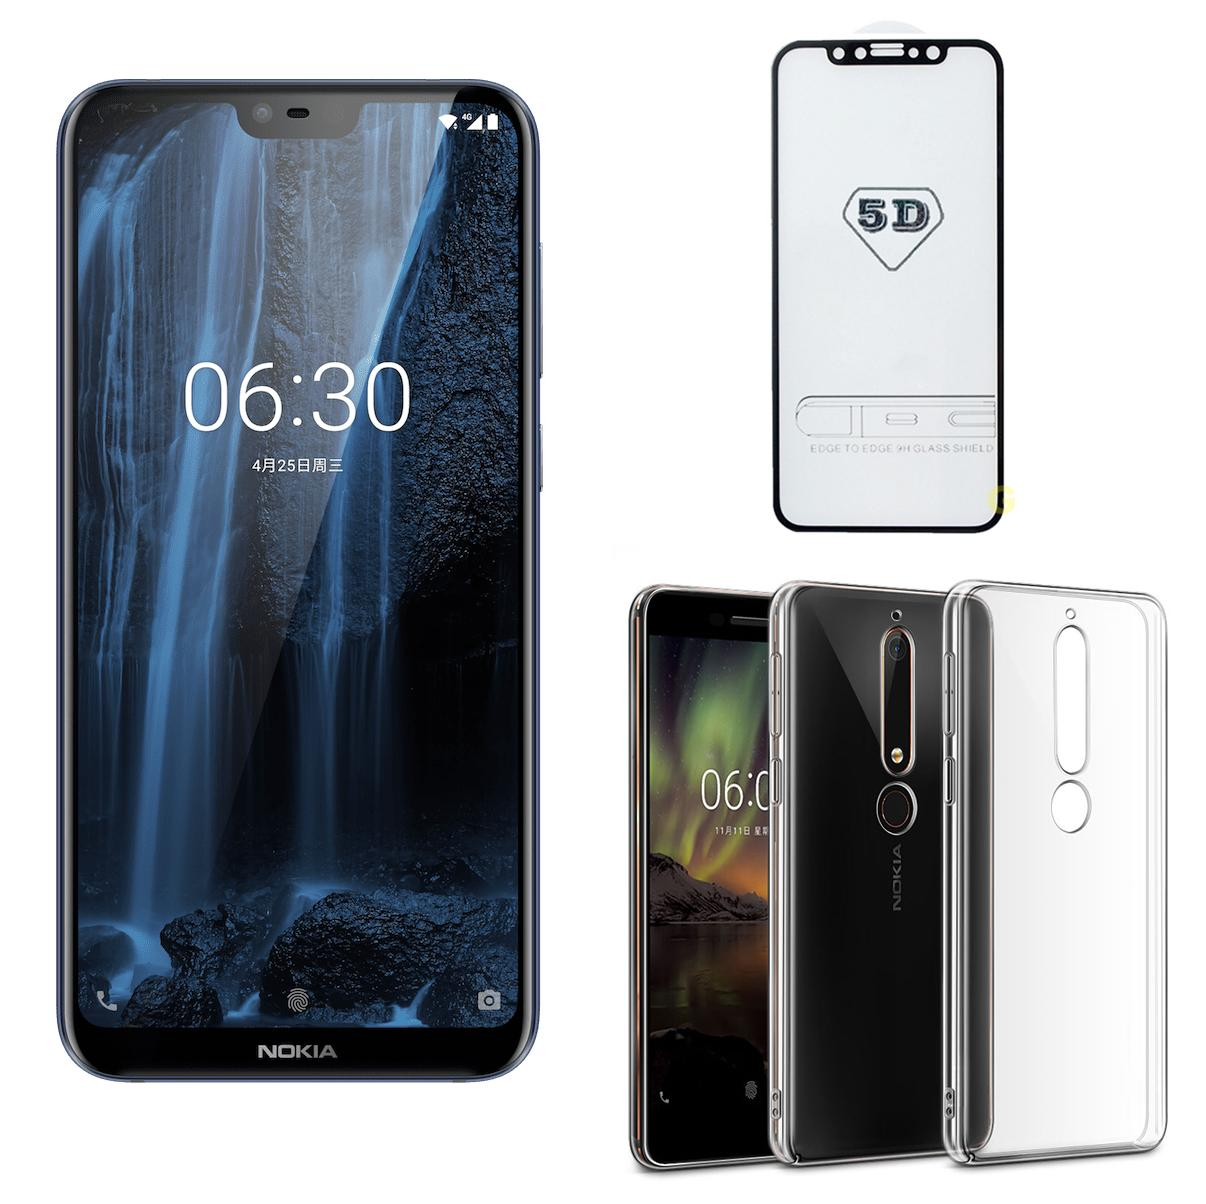 Hình ảnh Nokia X6 64GB Ram 4GB (Đen) - ShopOnline24 + Cường lực 5D Full màn + Ốp lưng - Hàng nhập khẩu